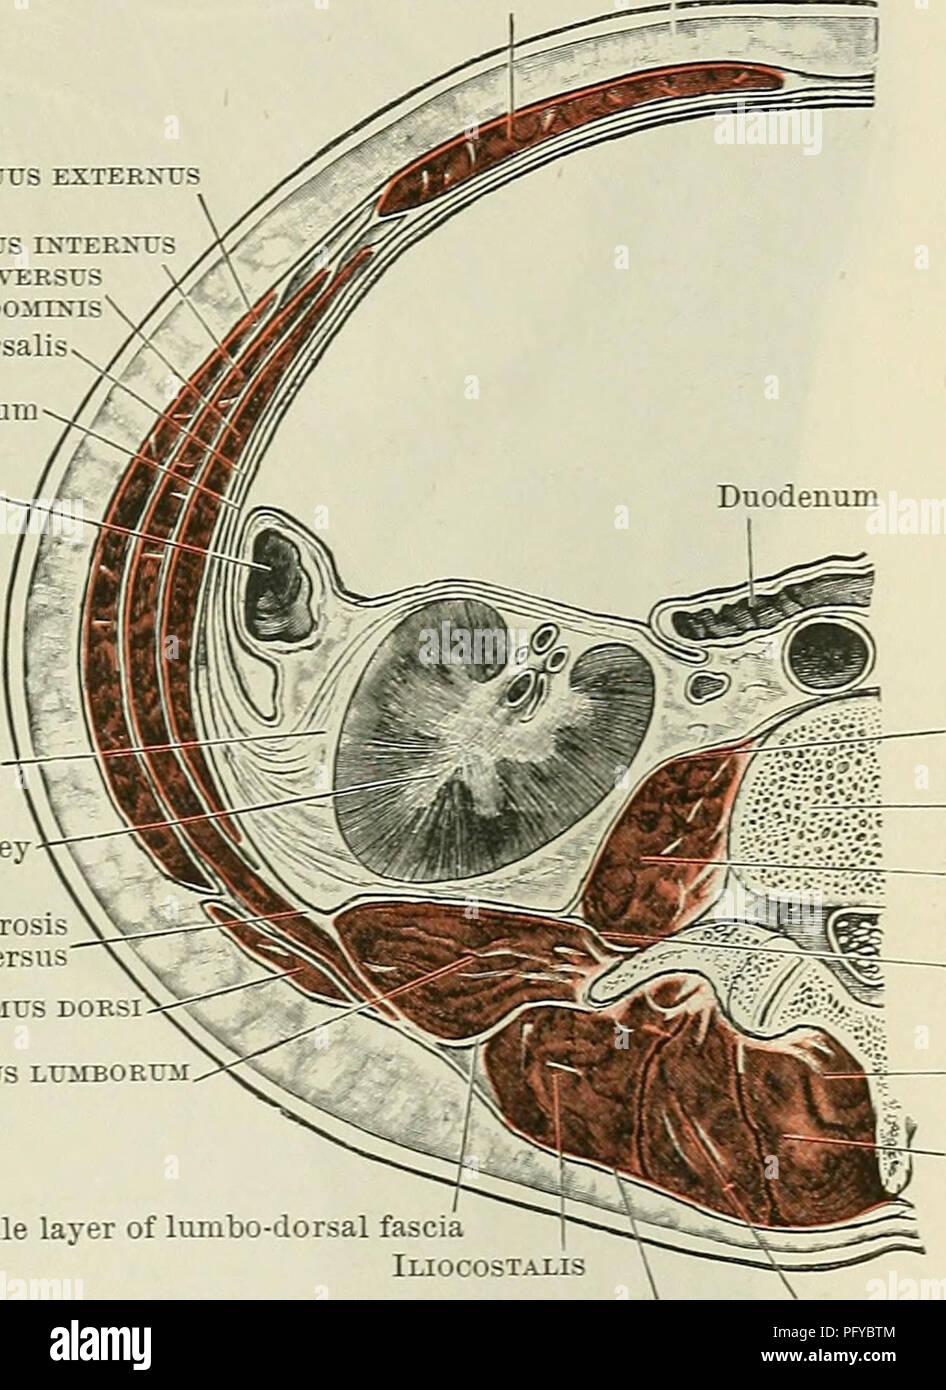 Inguinal Anatomy Imágenes De Stock & Inguinal Anatomy Fotos De Stock ...